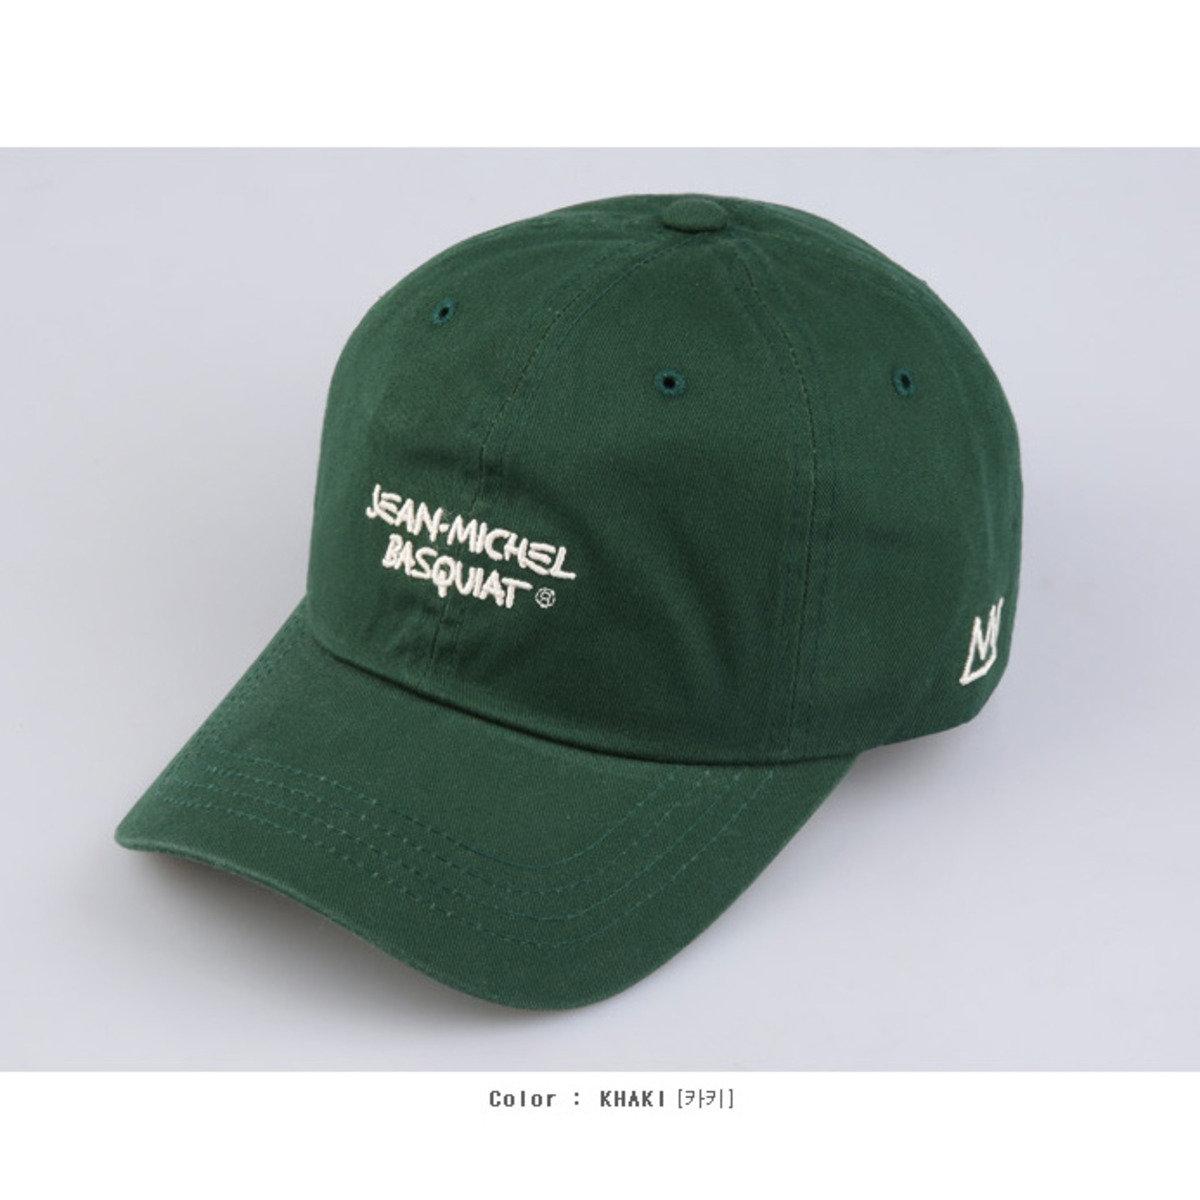 MICHEL 棒球帽_CA1_160316141